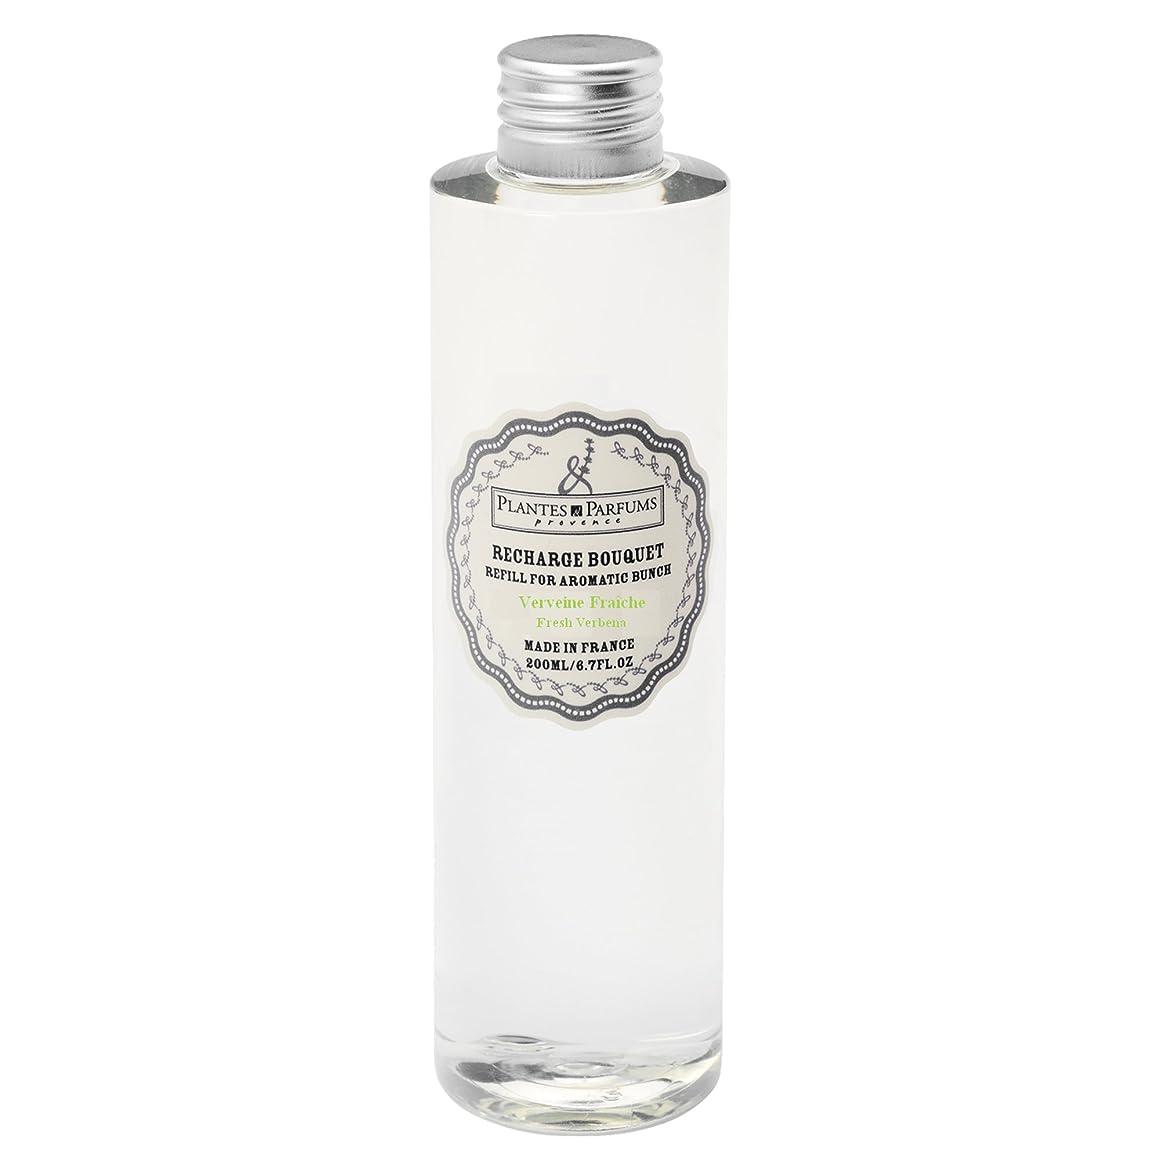 支給詩人花束plantes parfums ディフューザーレフィル フレッシュバーベナ